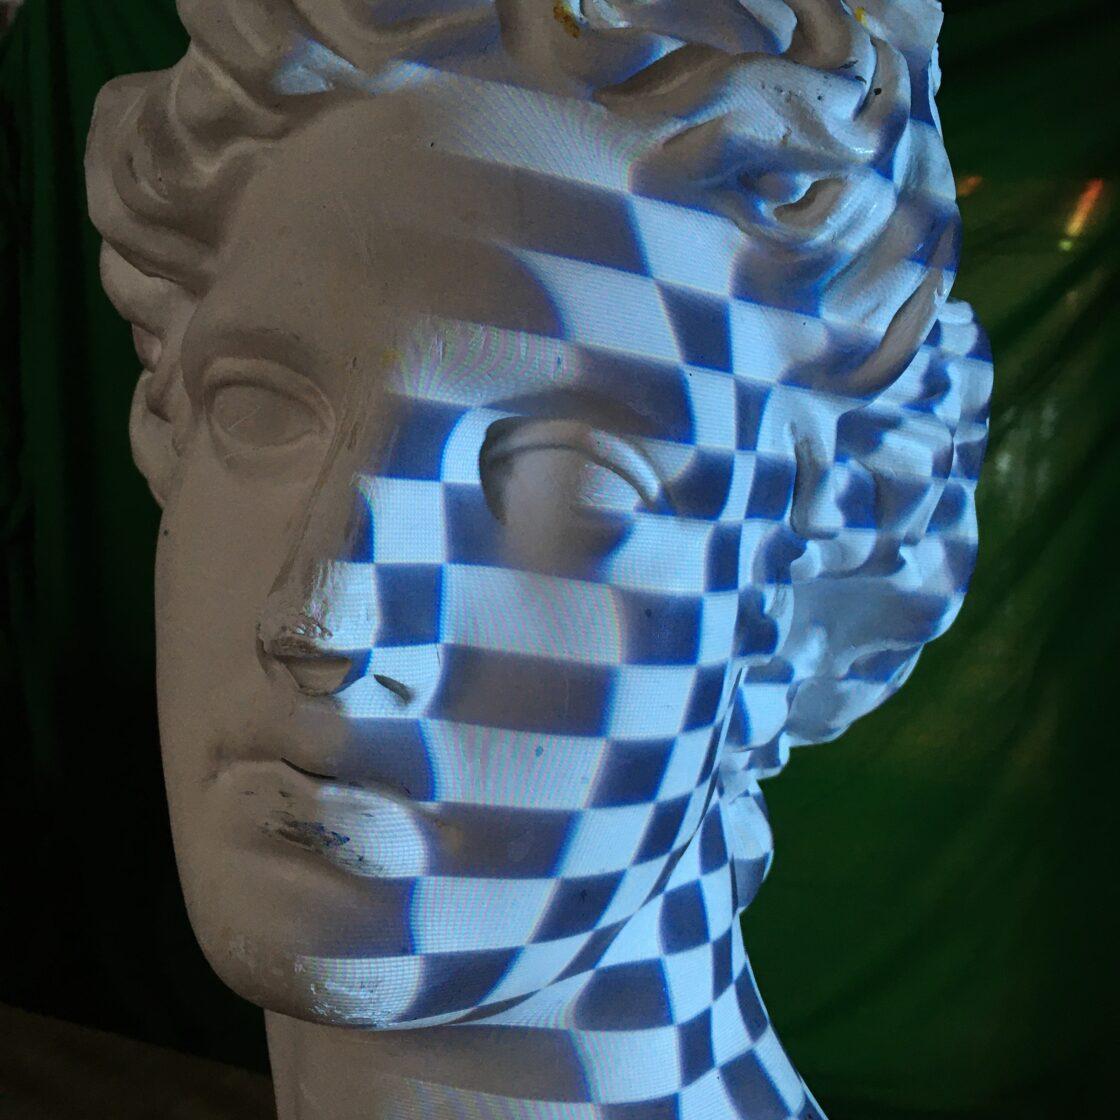 Klassiek standbeeld met projectie tijdens 3D scan proces